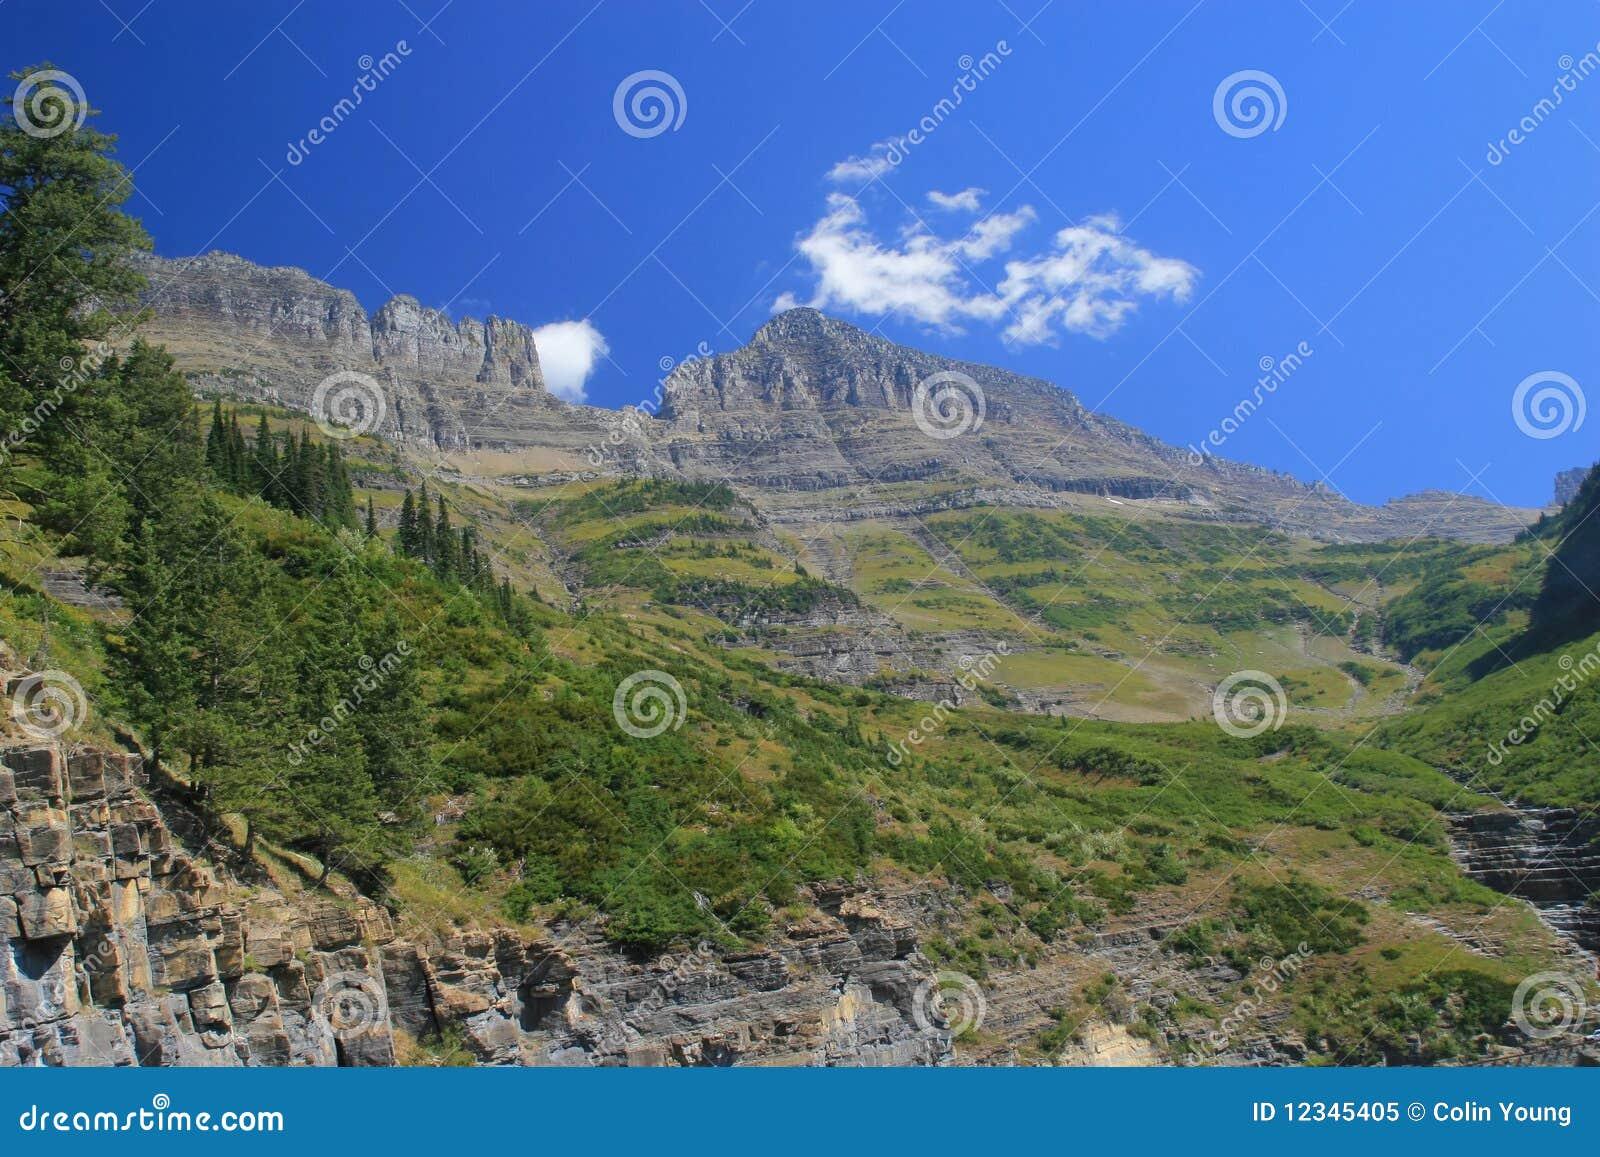 encoche de mur rideau image stock image du montagnes 12345405. Black Bedroom Furniture Sets. Home Design Ideas